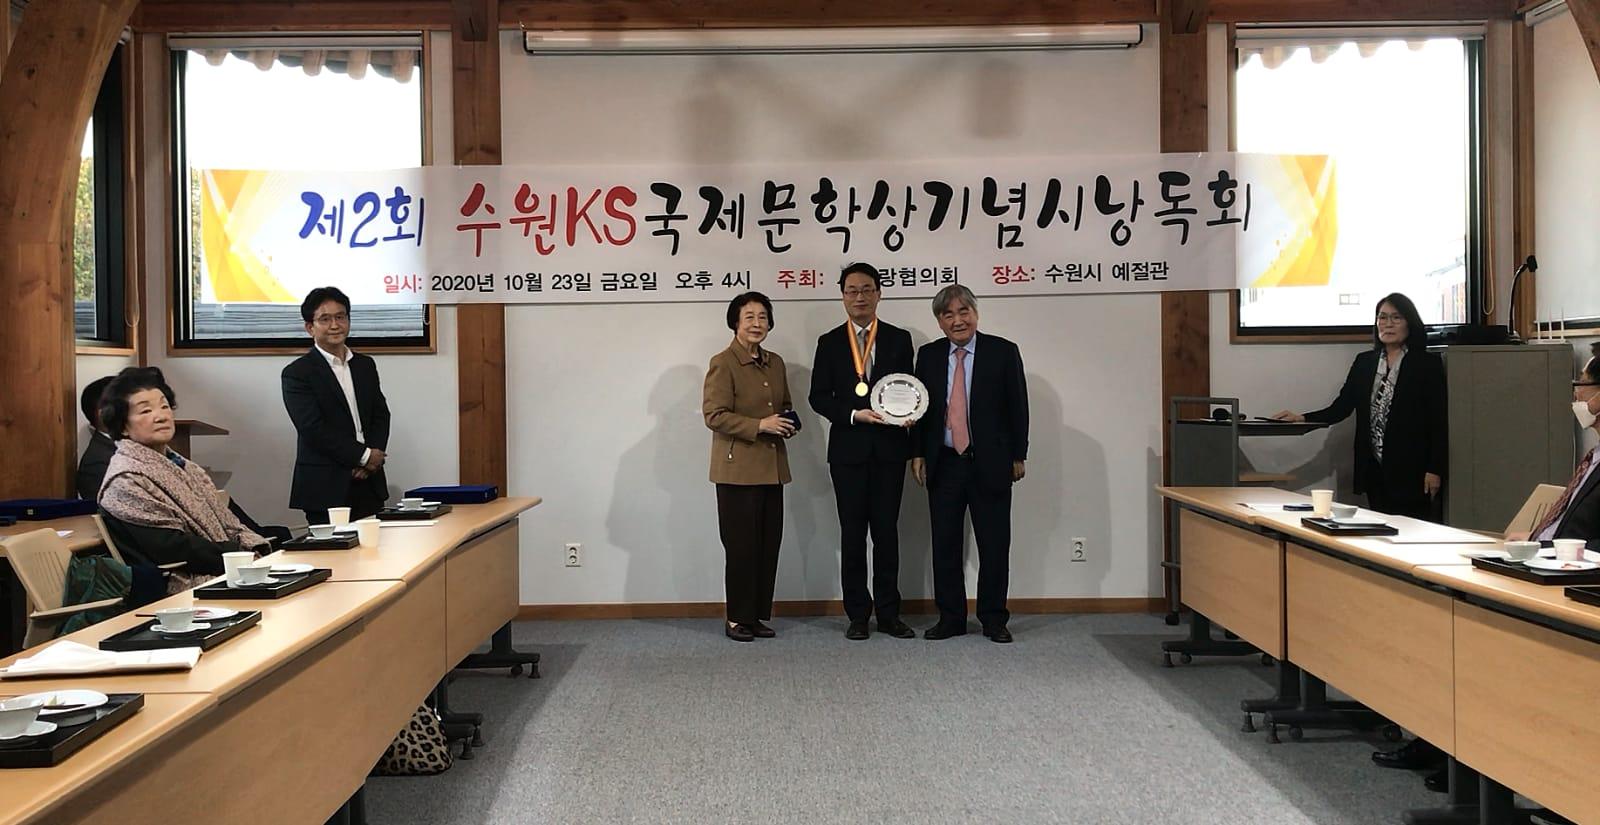 Mr. Chon Ikbum riceve per me il KS Internatinal literary Prize